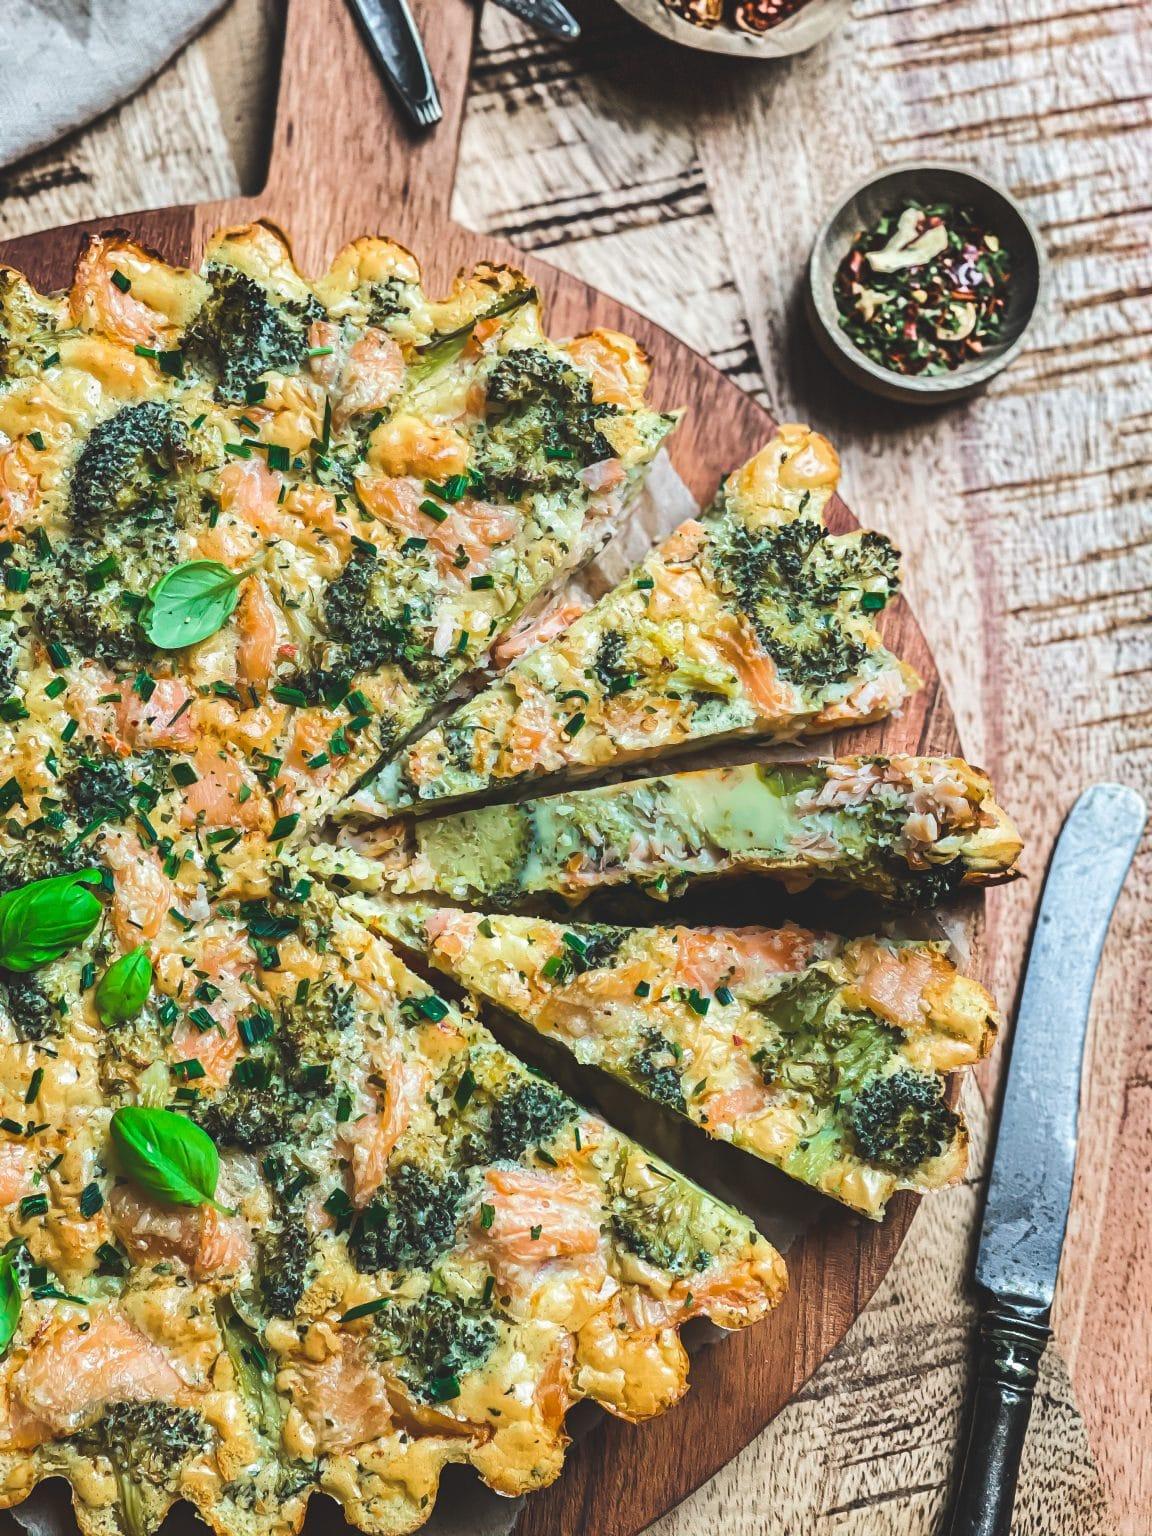 recette facile tarte vegan brocoli